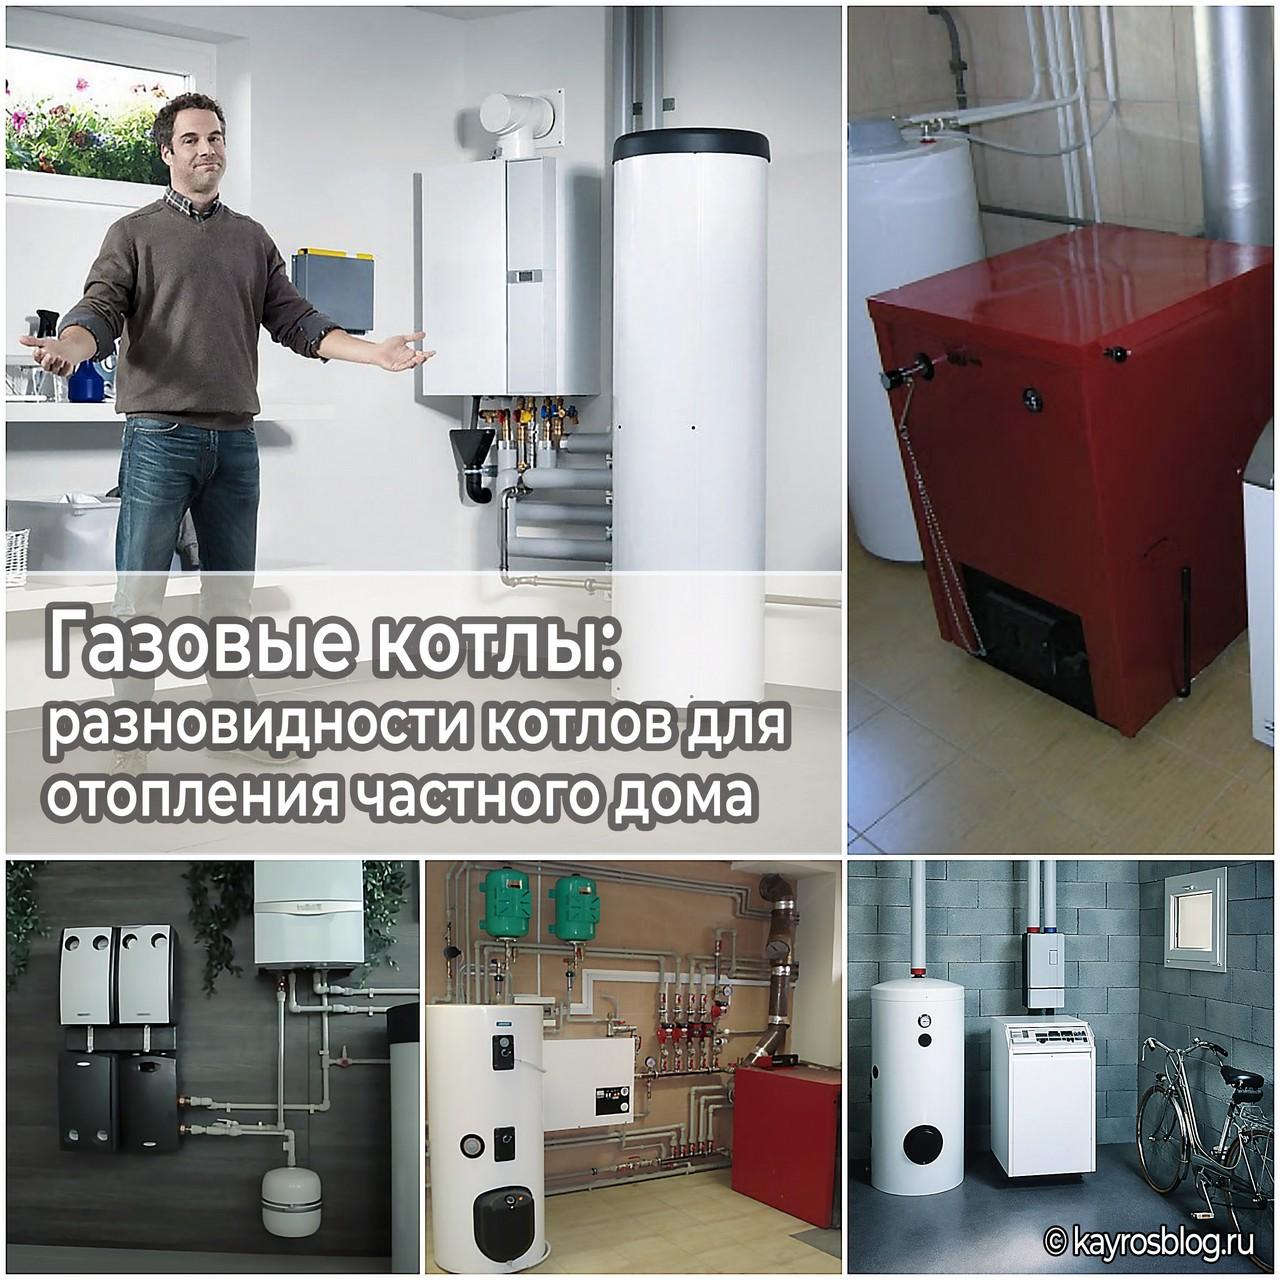 Газовые котлы: разновидности котлов для отопления частного дома